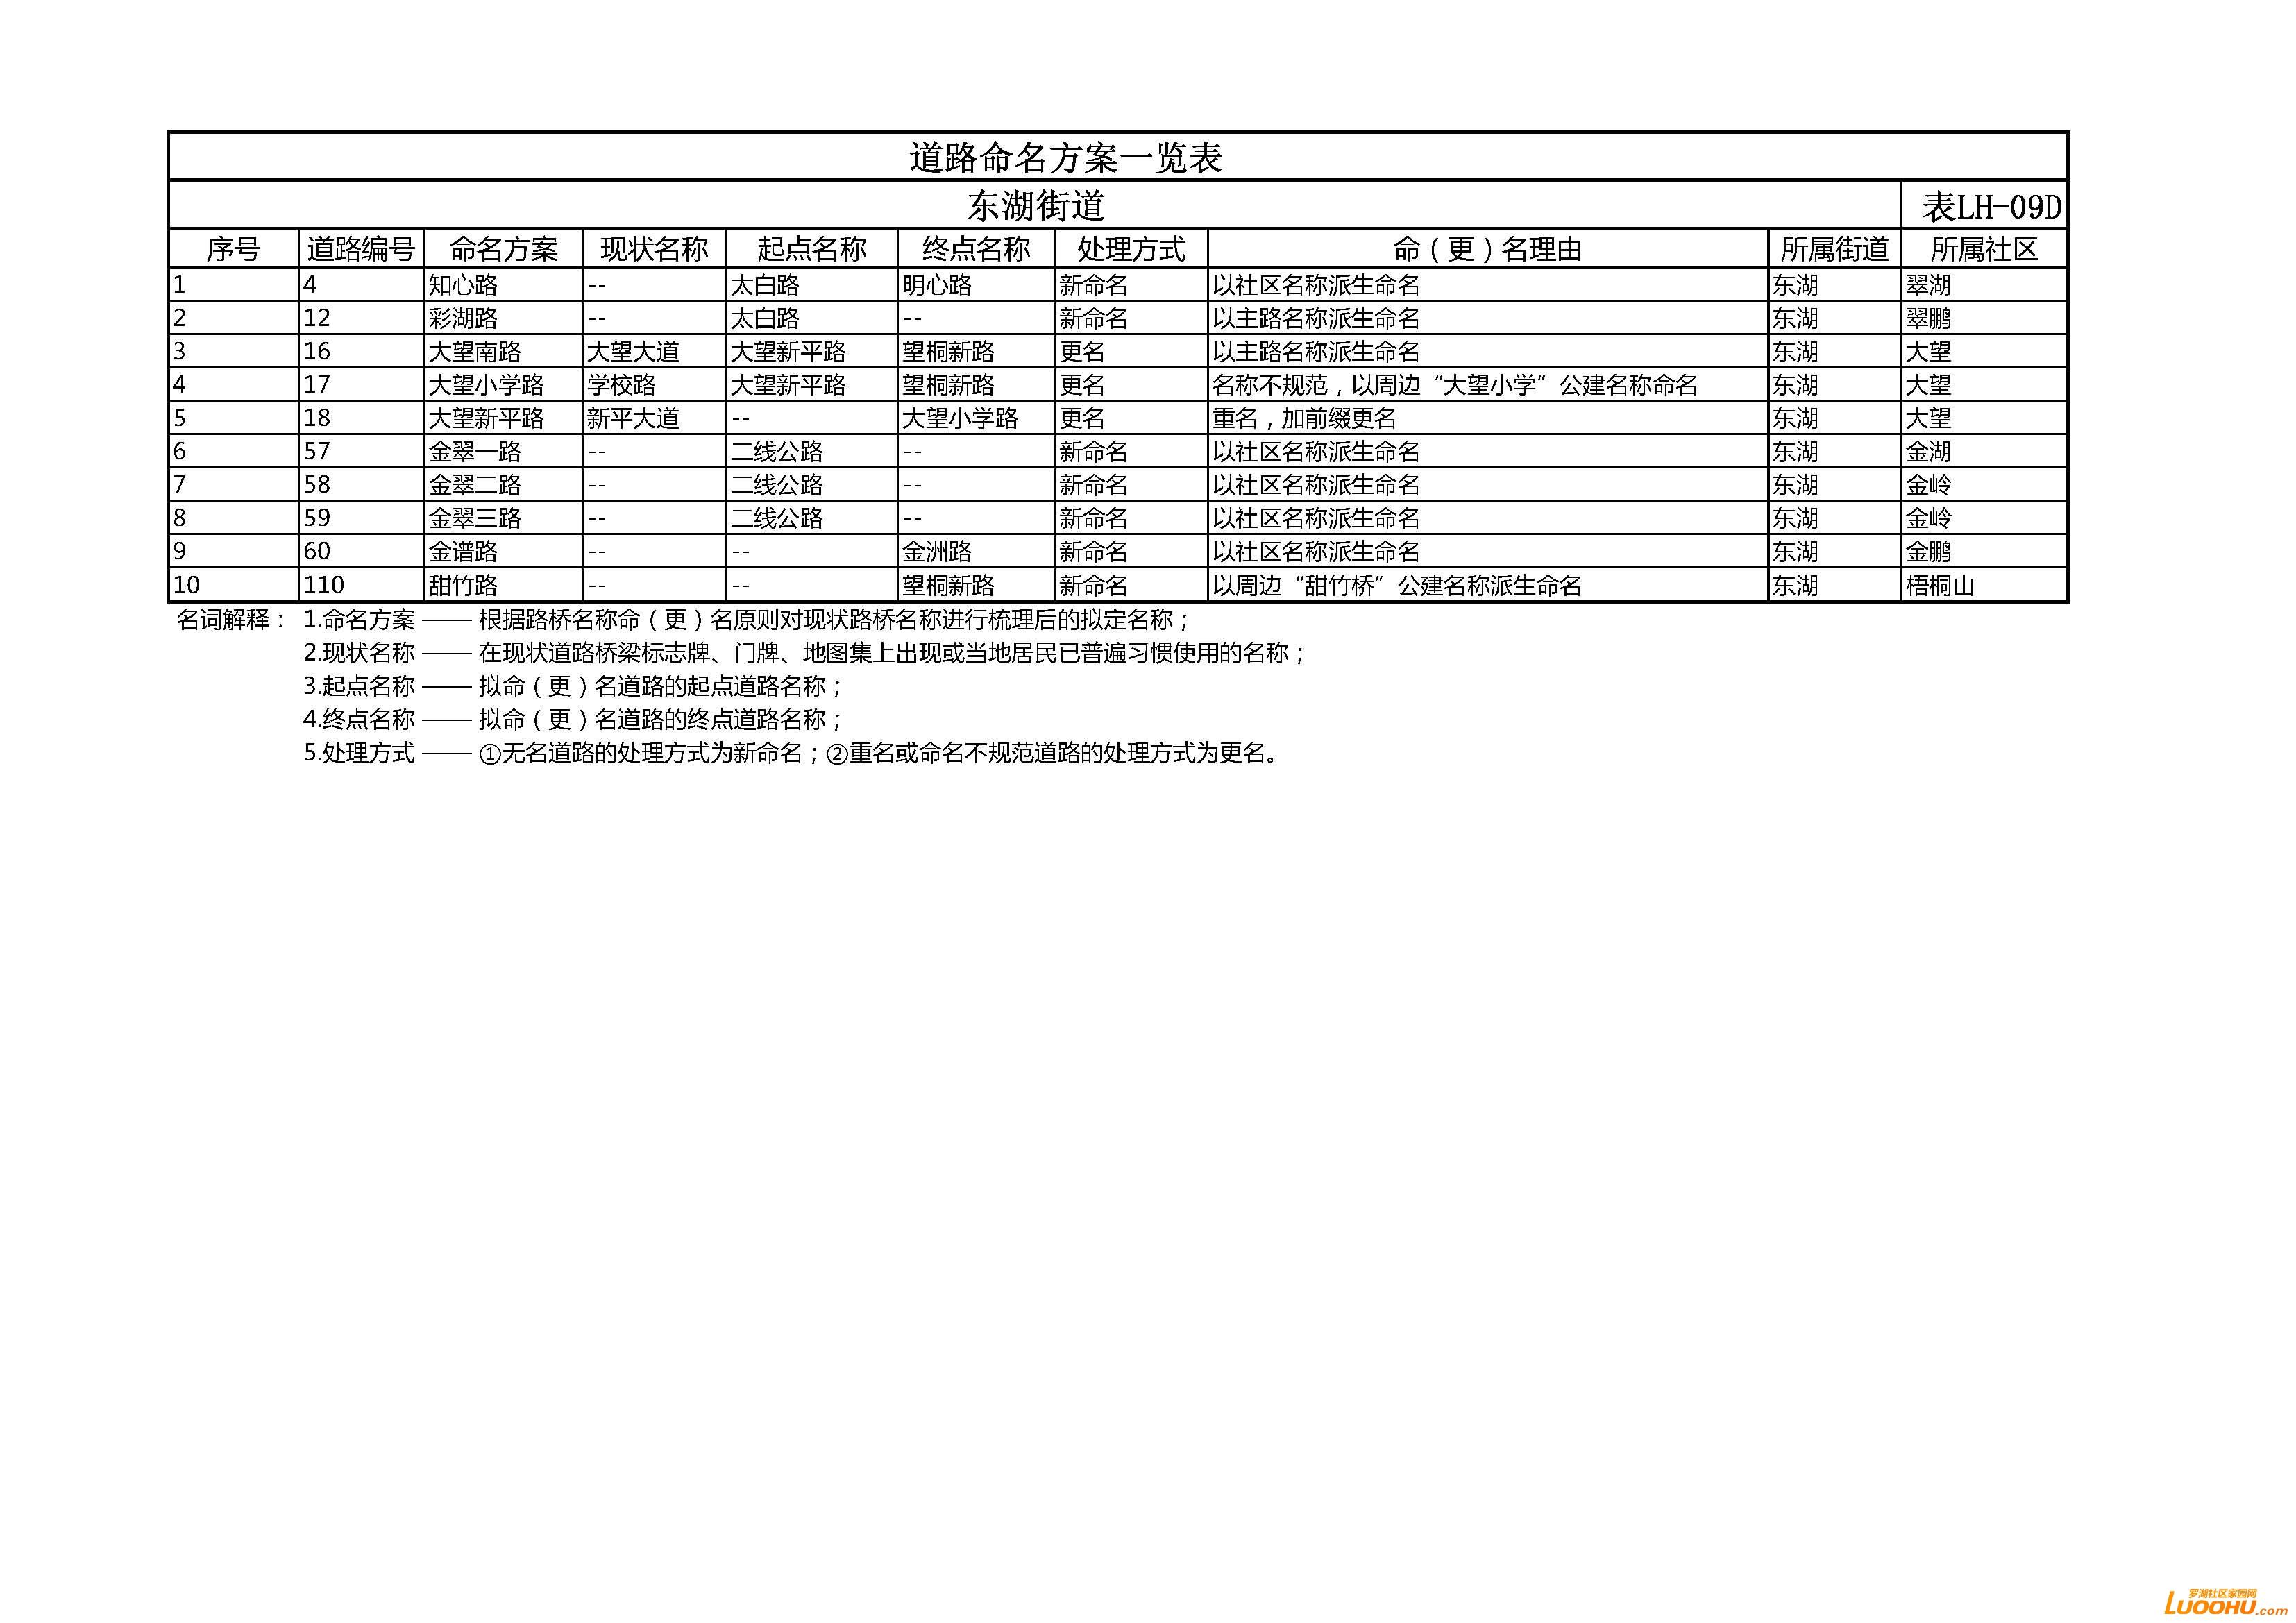 表LH-09D.jpg